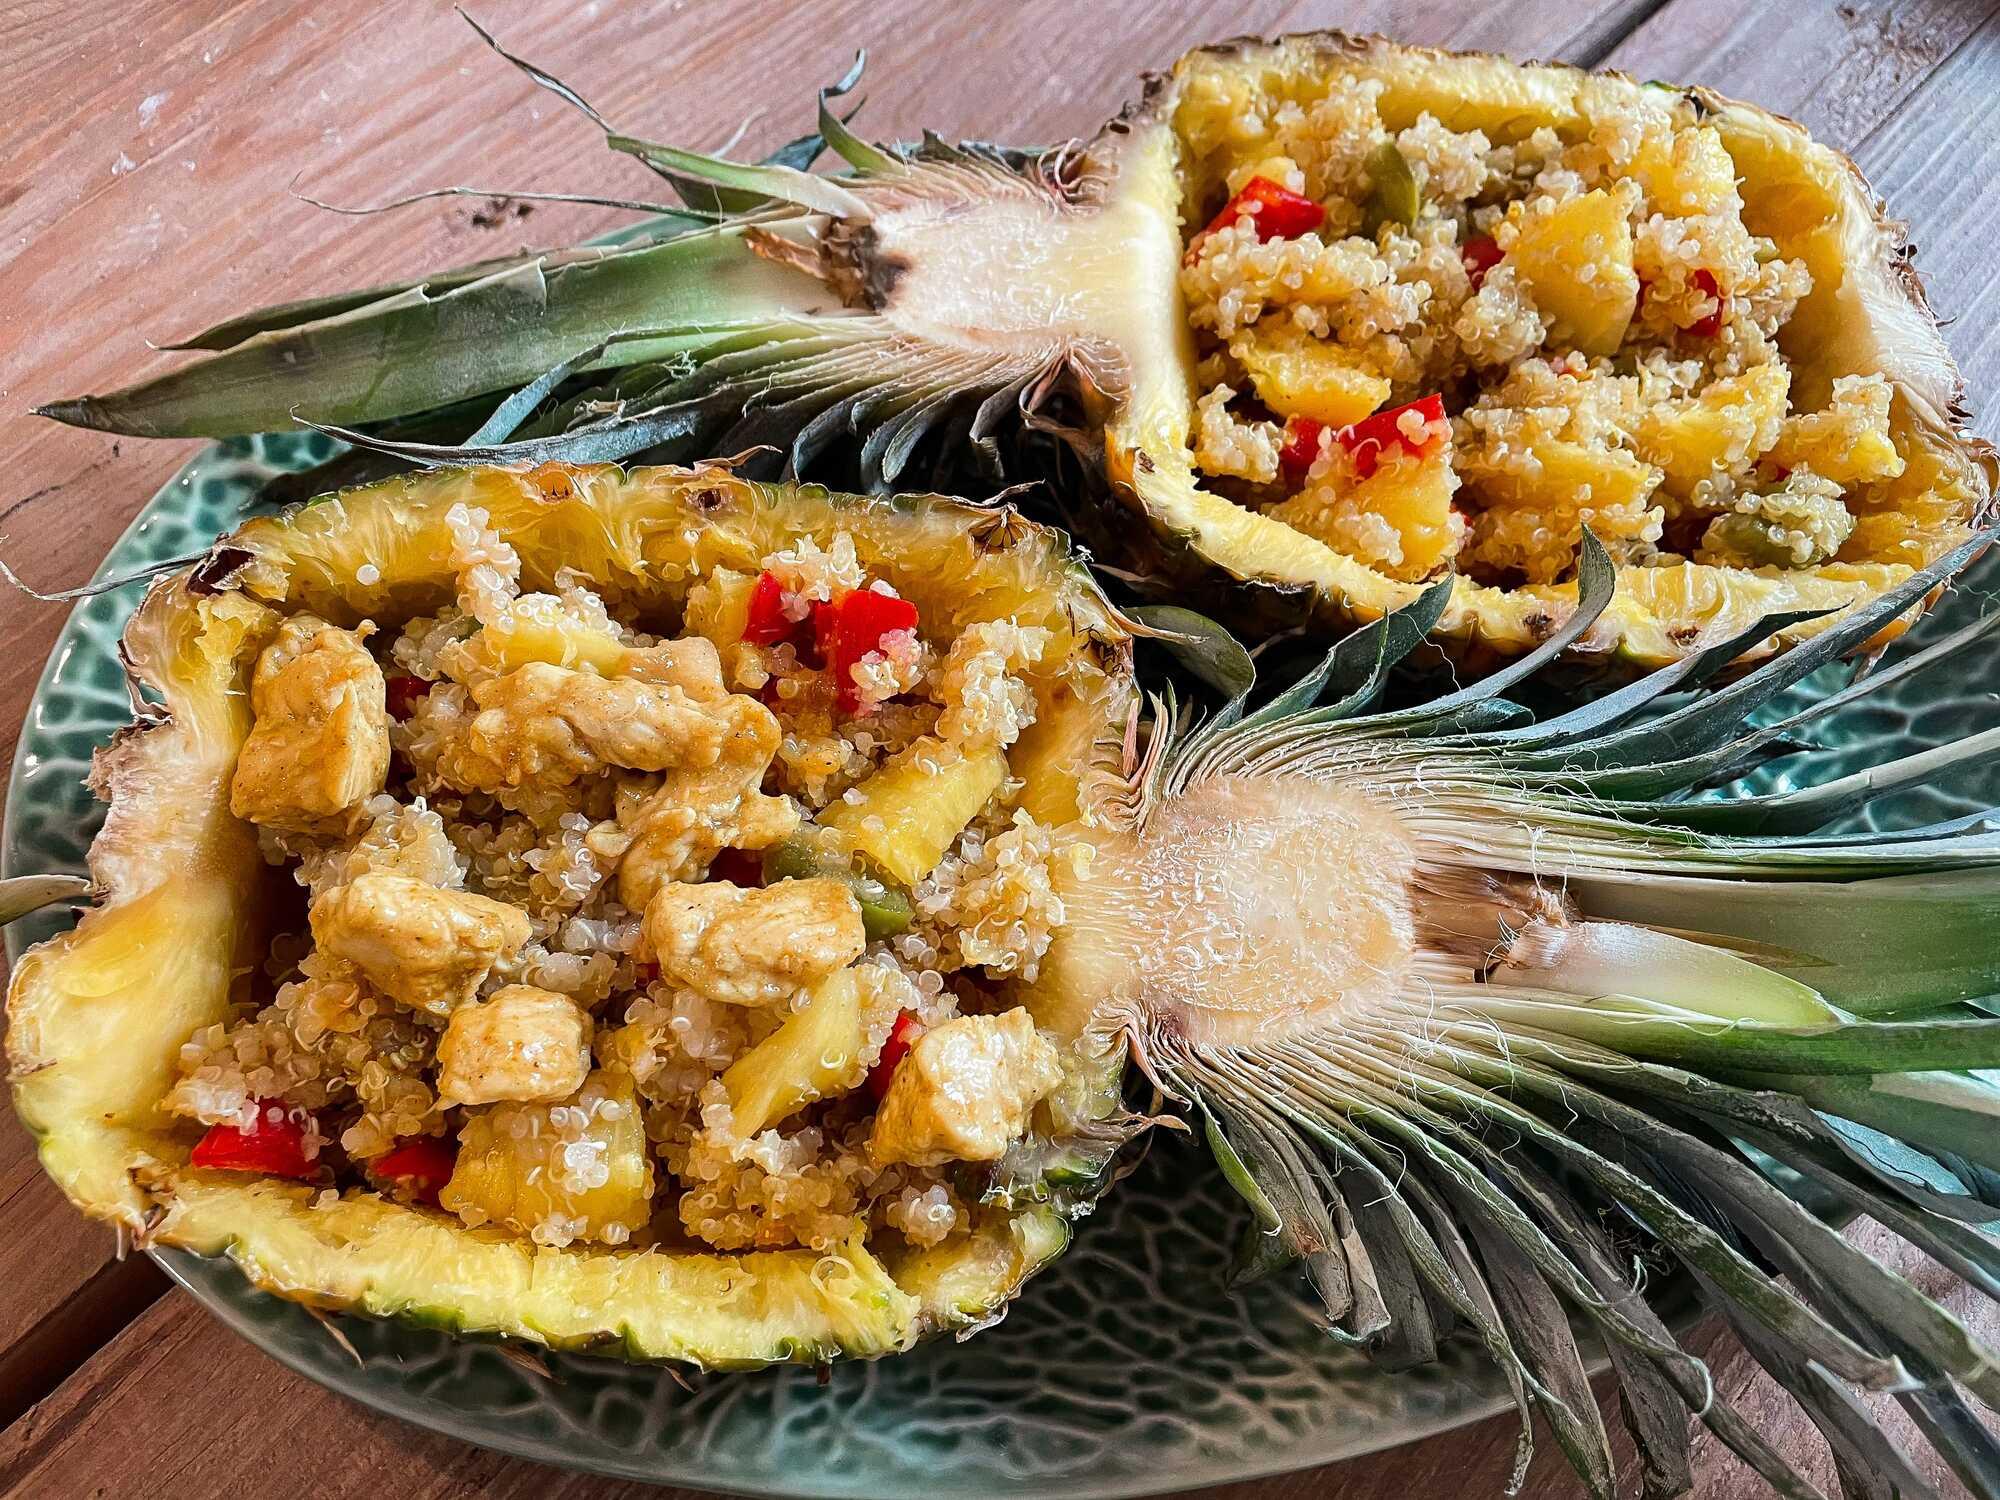 Sur une assiettes se trouve un ananas ouvert en deux dans le sens de la hauteur vidé de sa chair. L'ananas sert de réceptacle à la recette.